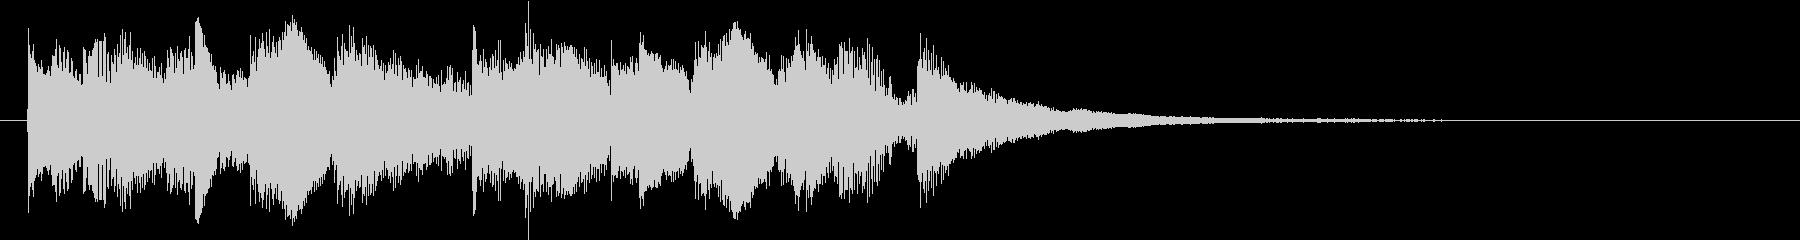 クール&スタイリッシュなオープニングロゴの未再生の波形